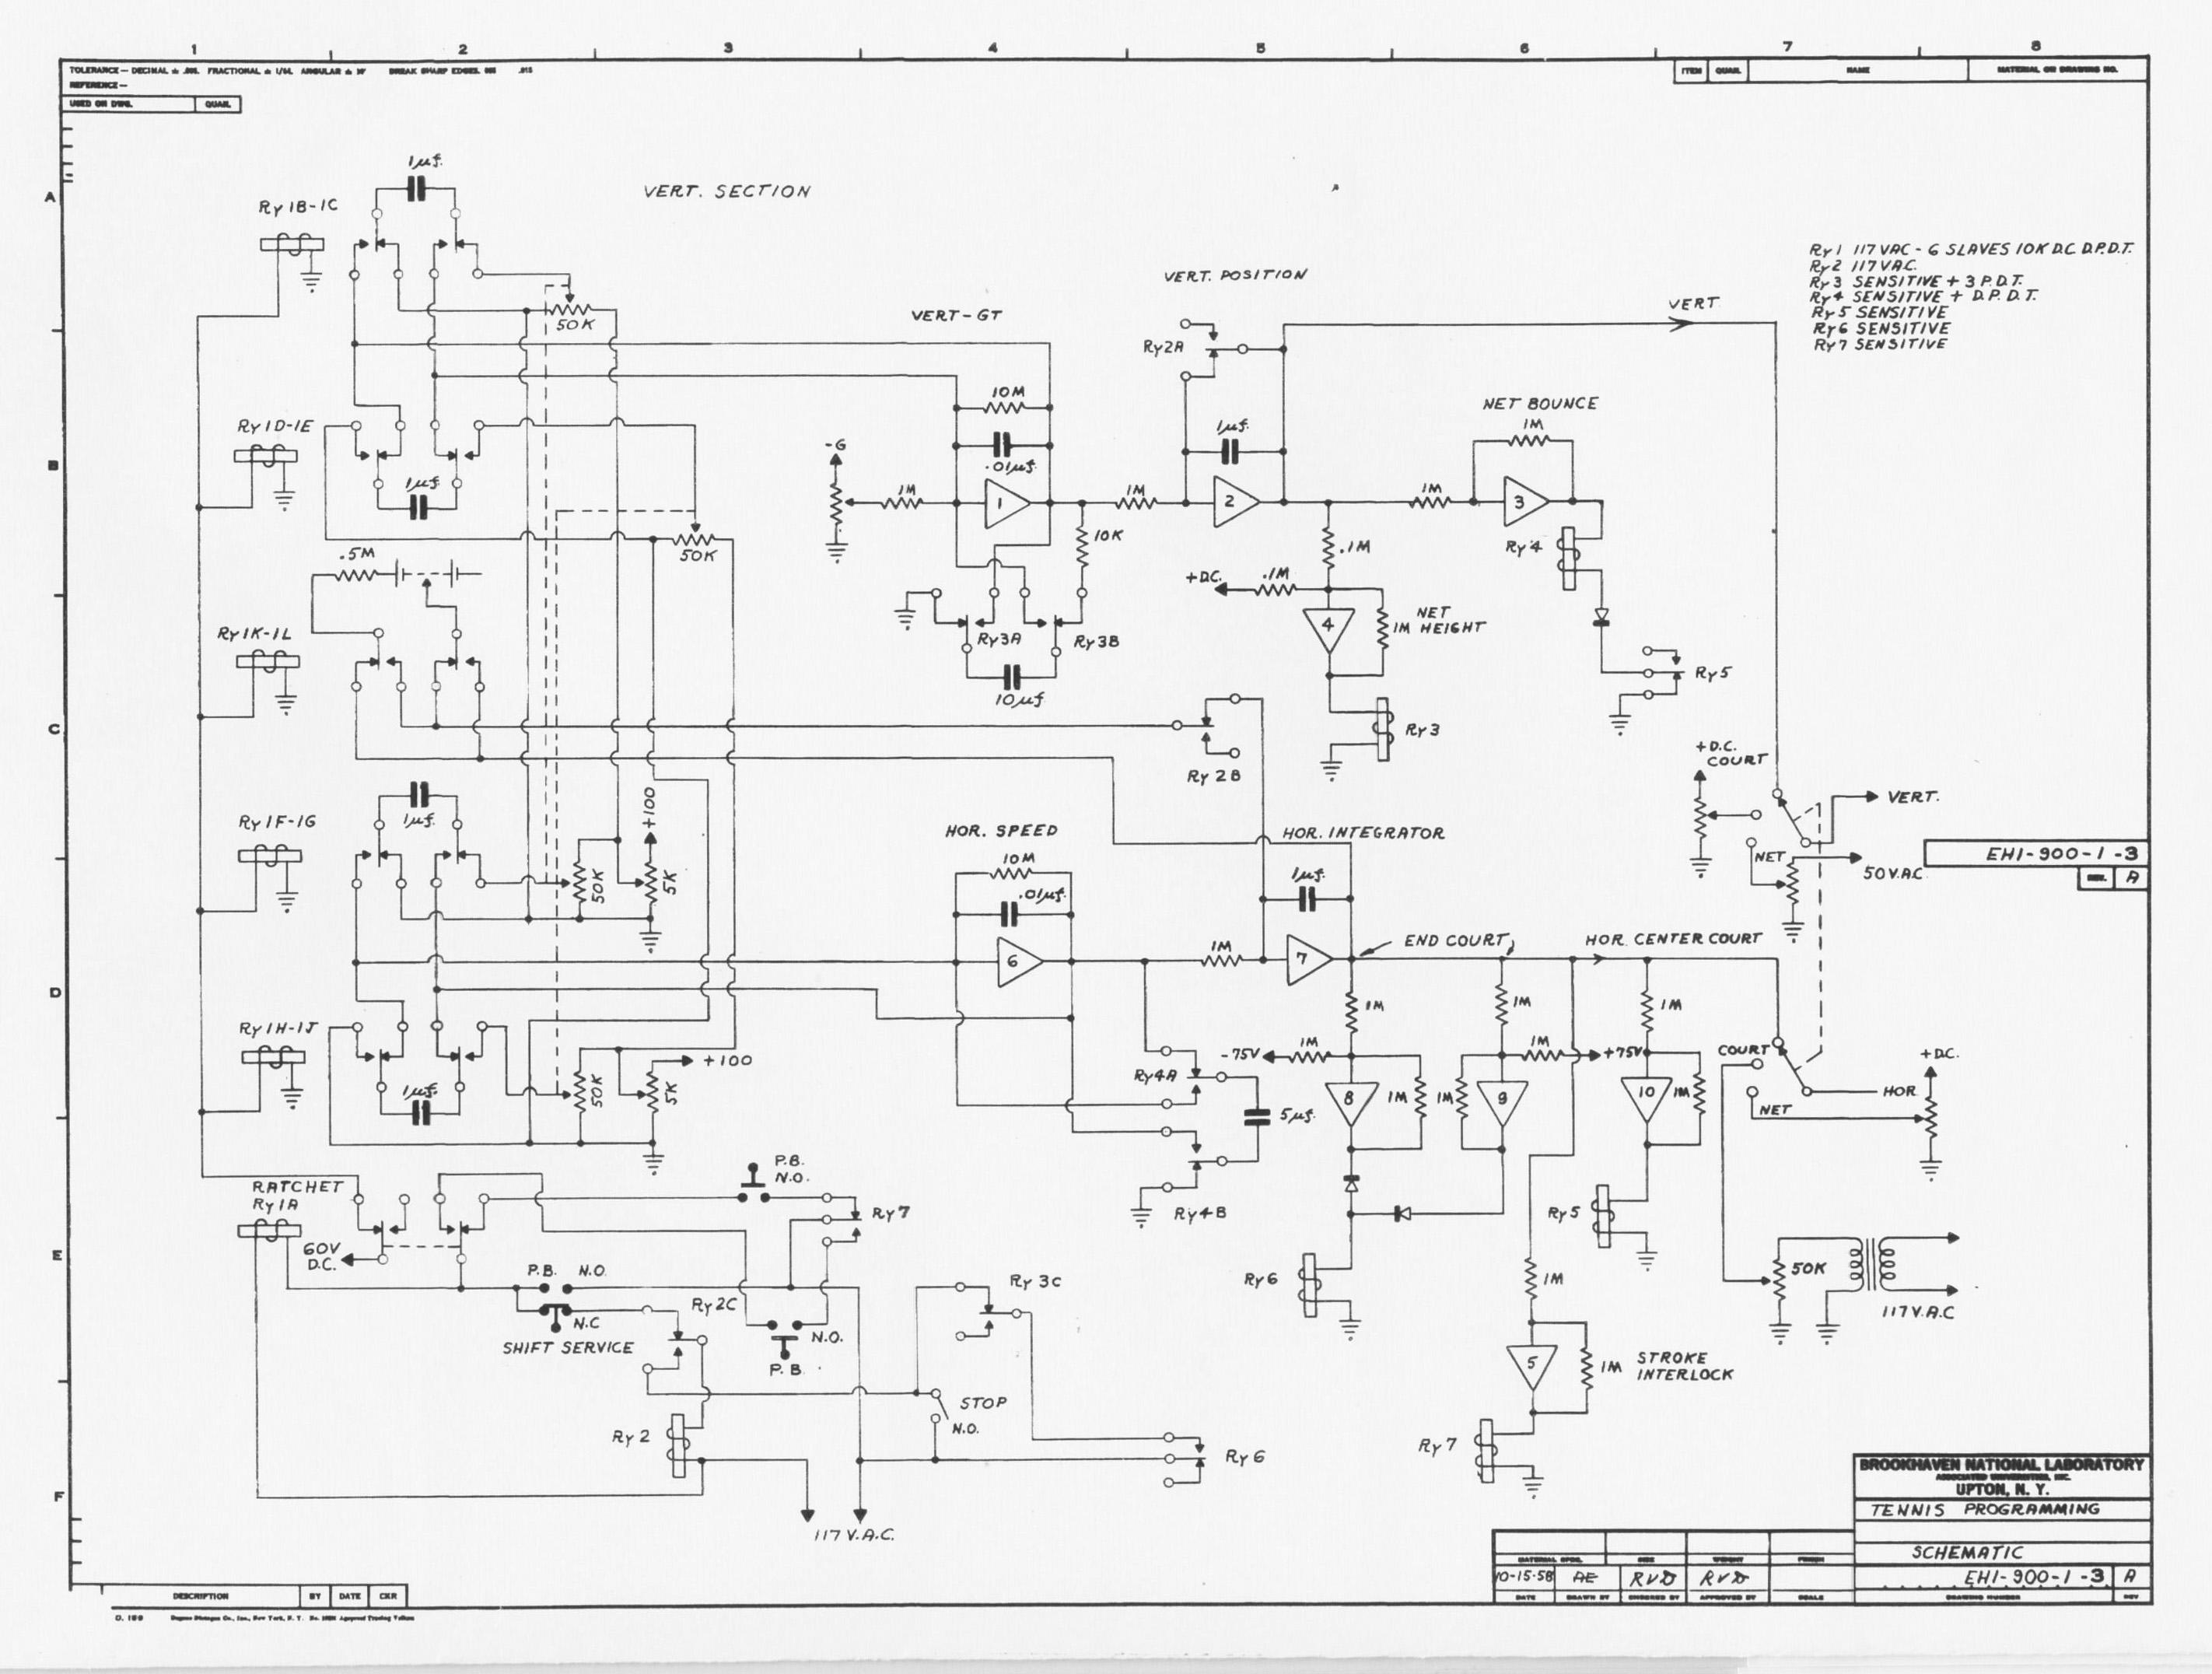 here are the original schematics